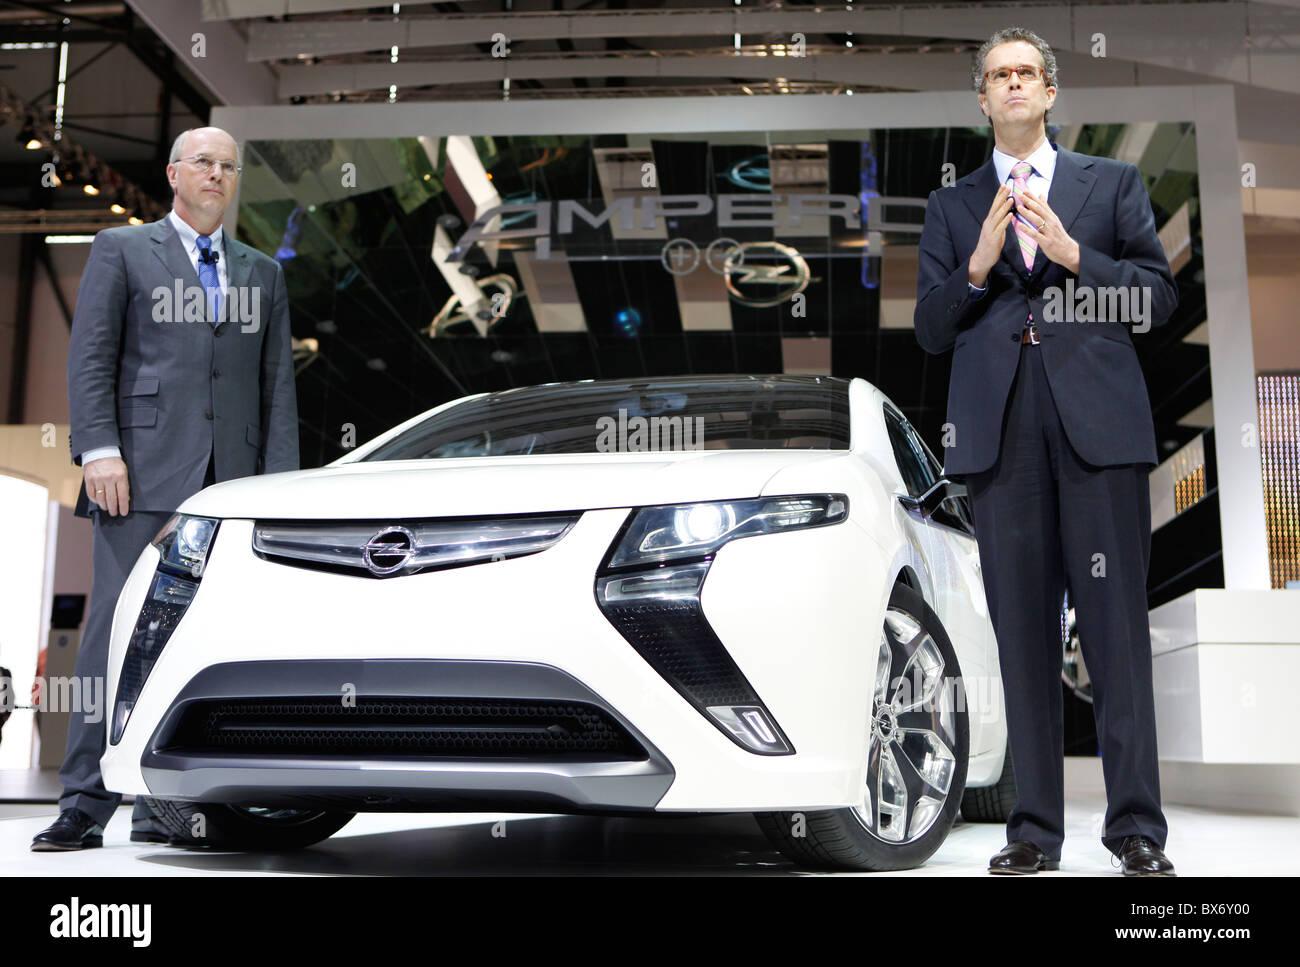 Carl-Peter Faster, Frank Weber, GM, General Motors, Opel Ampera, car - Stock Image